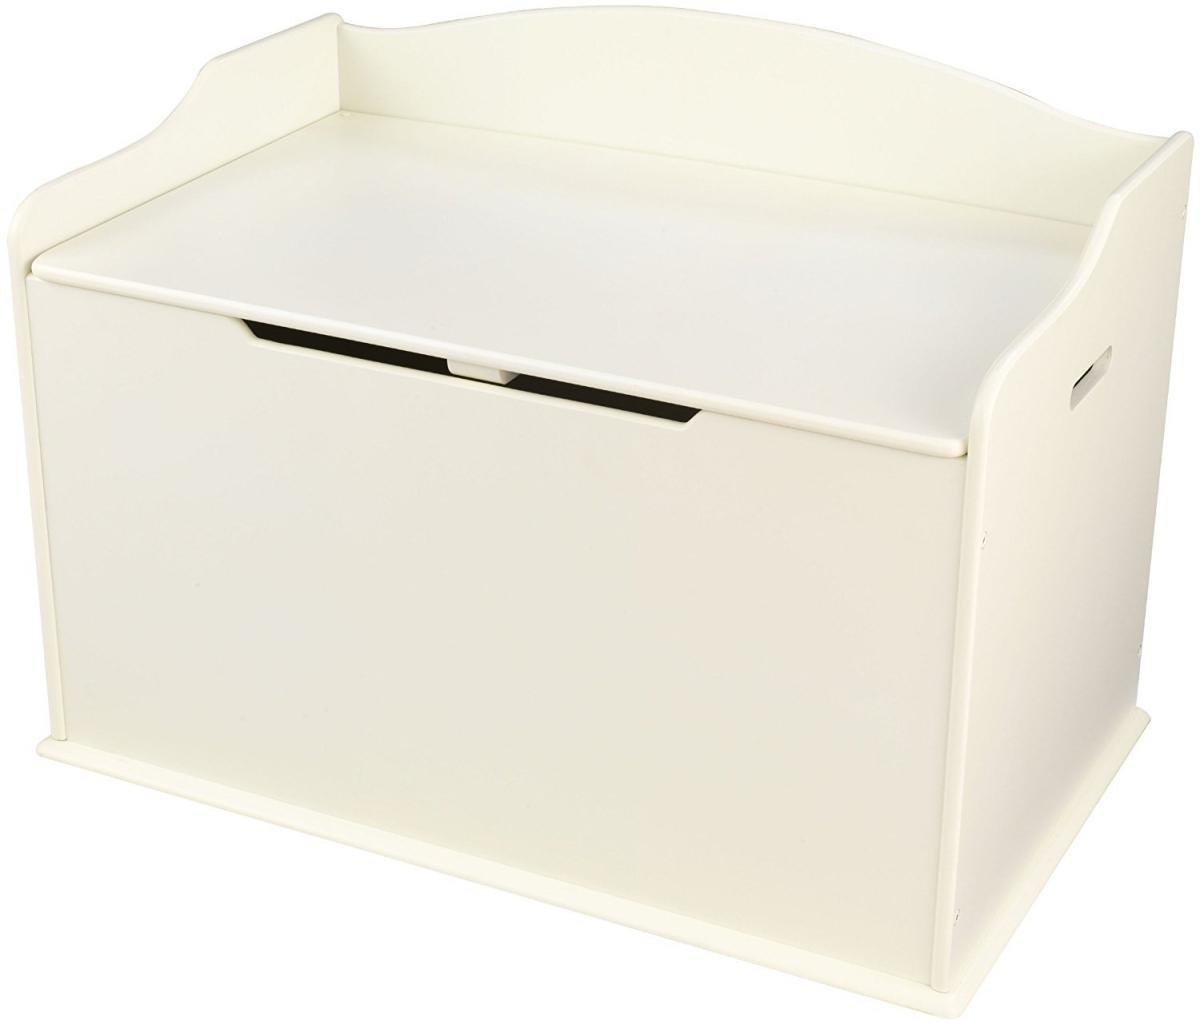 Купить Ящик для хранения - Austin Toy Box, vanilla, KidKraft